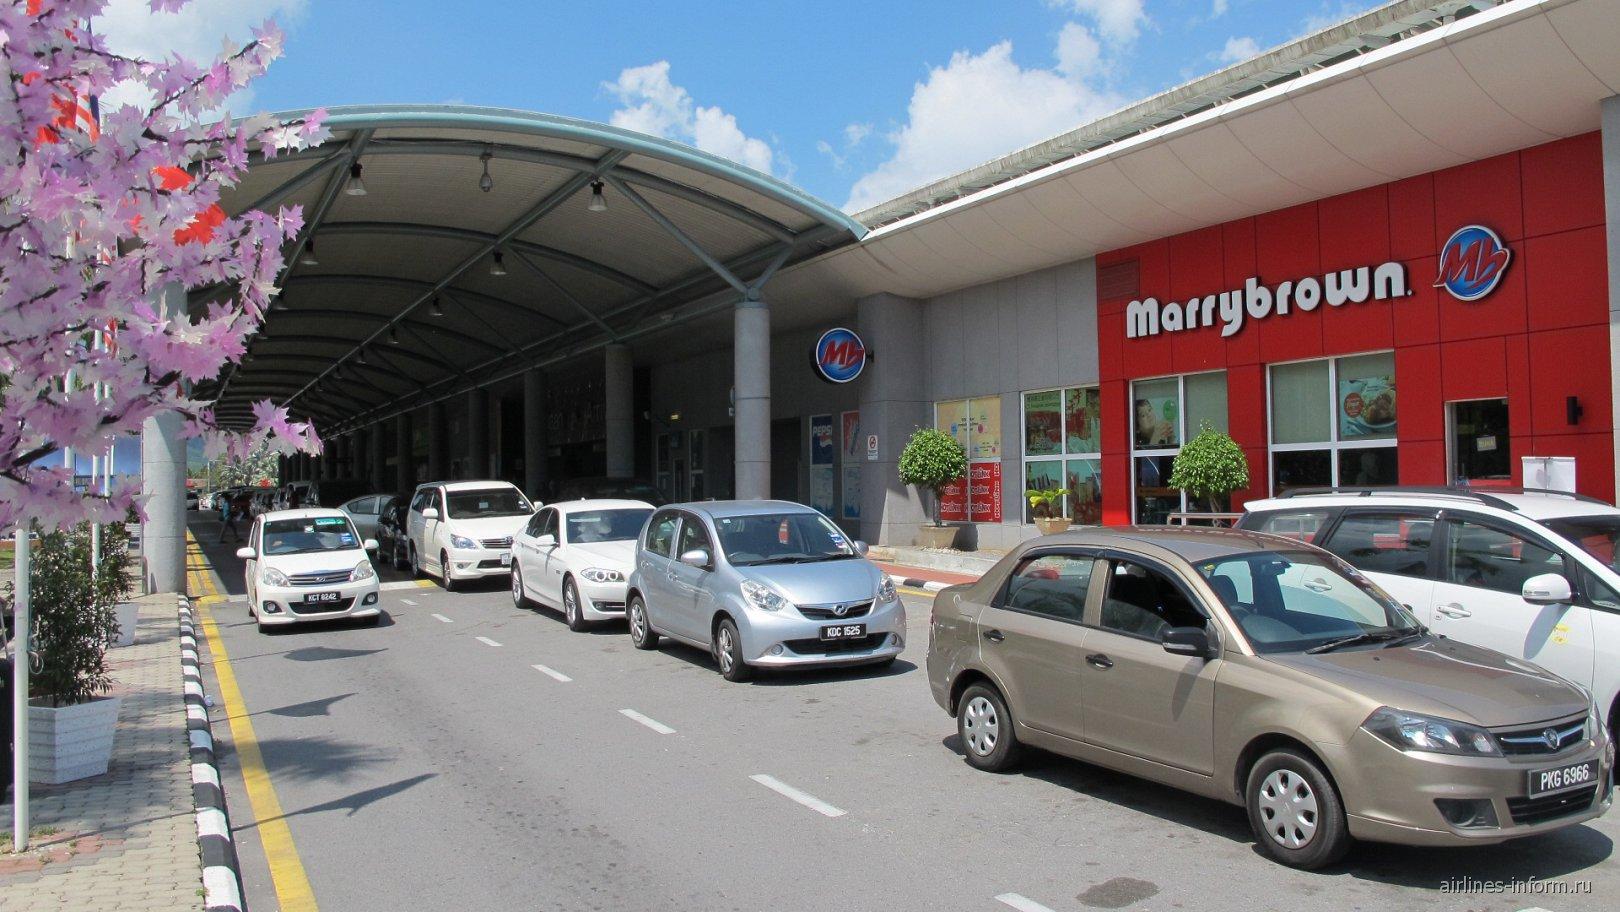 Выход из зоны прилета аэропорта Лангкави